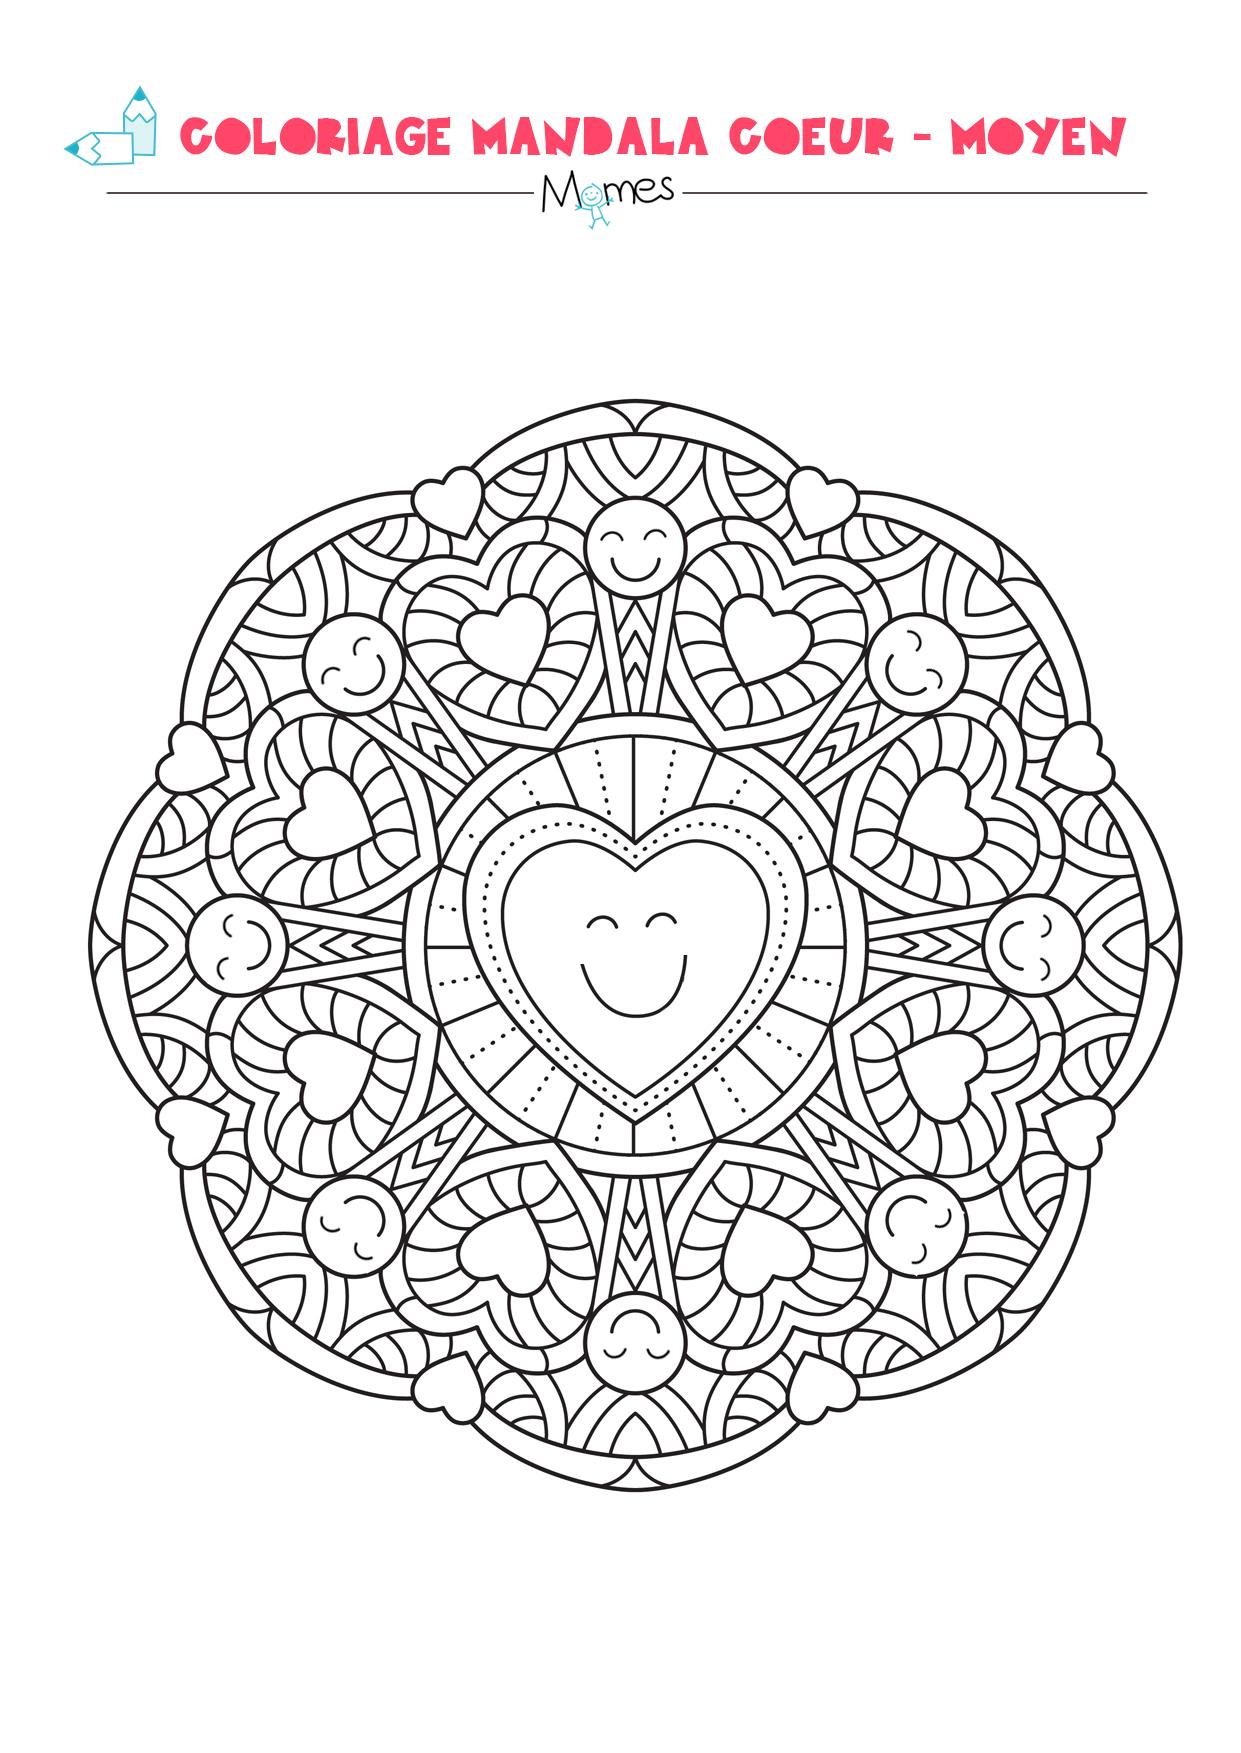 Coloriage mandala coeur moyen - Dessins de mandala ...